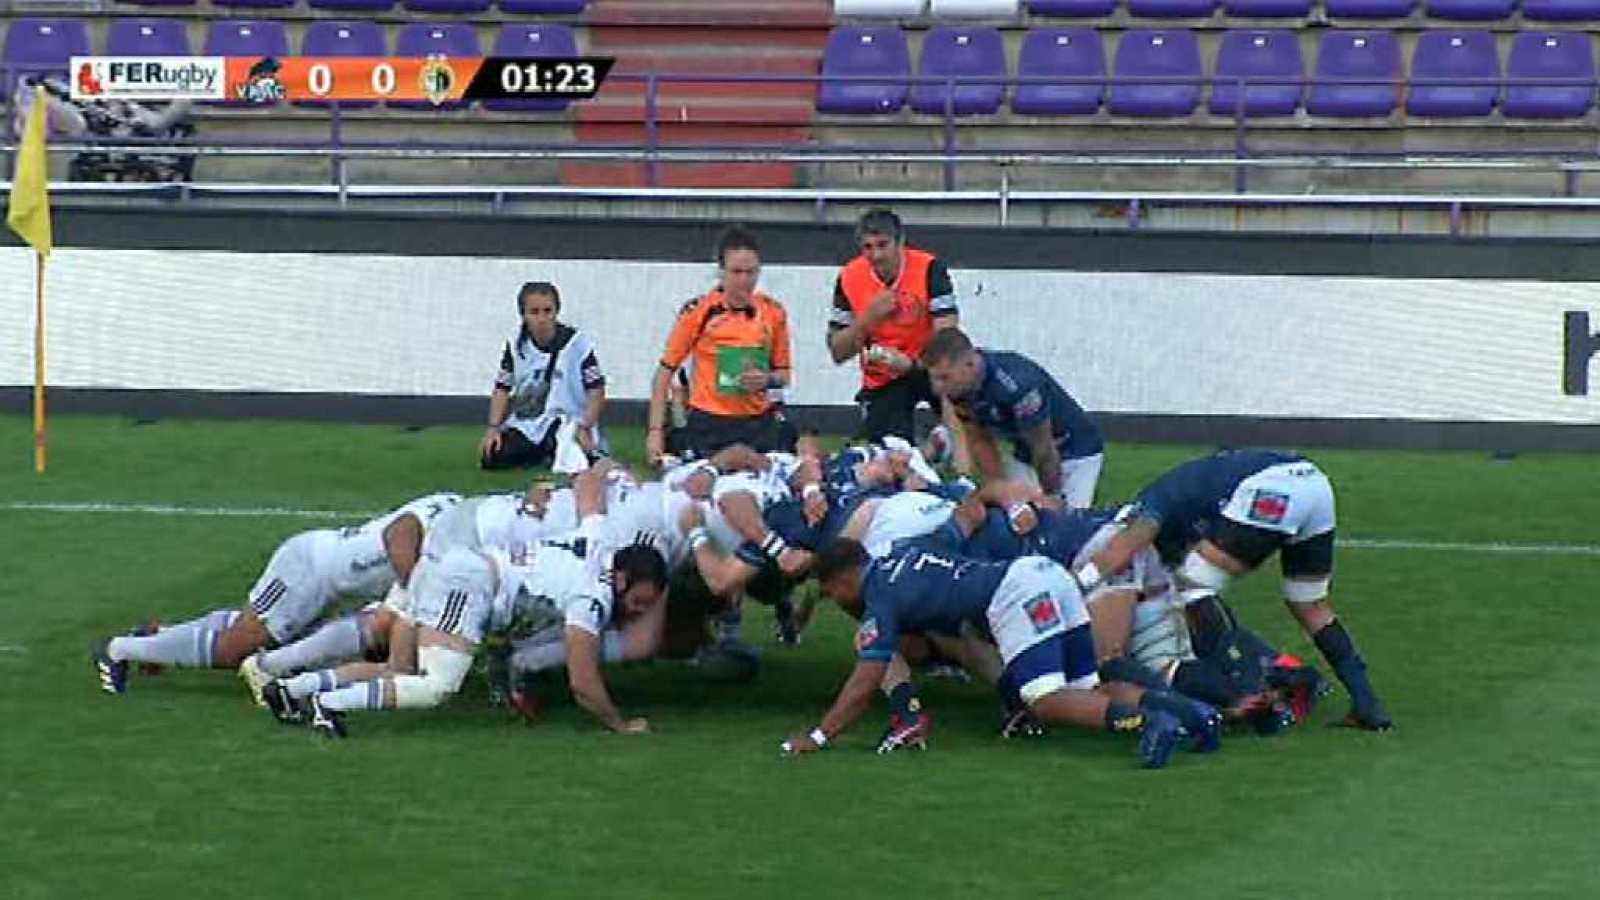 Rugby - Liga Nacional, división de honor. Final: VRAC Valladolid - CR El Salvador - ver ahora